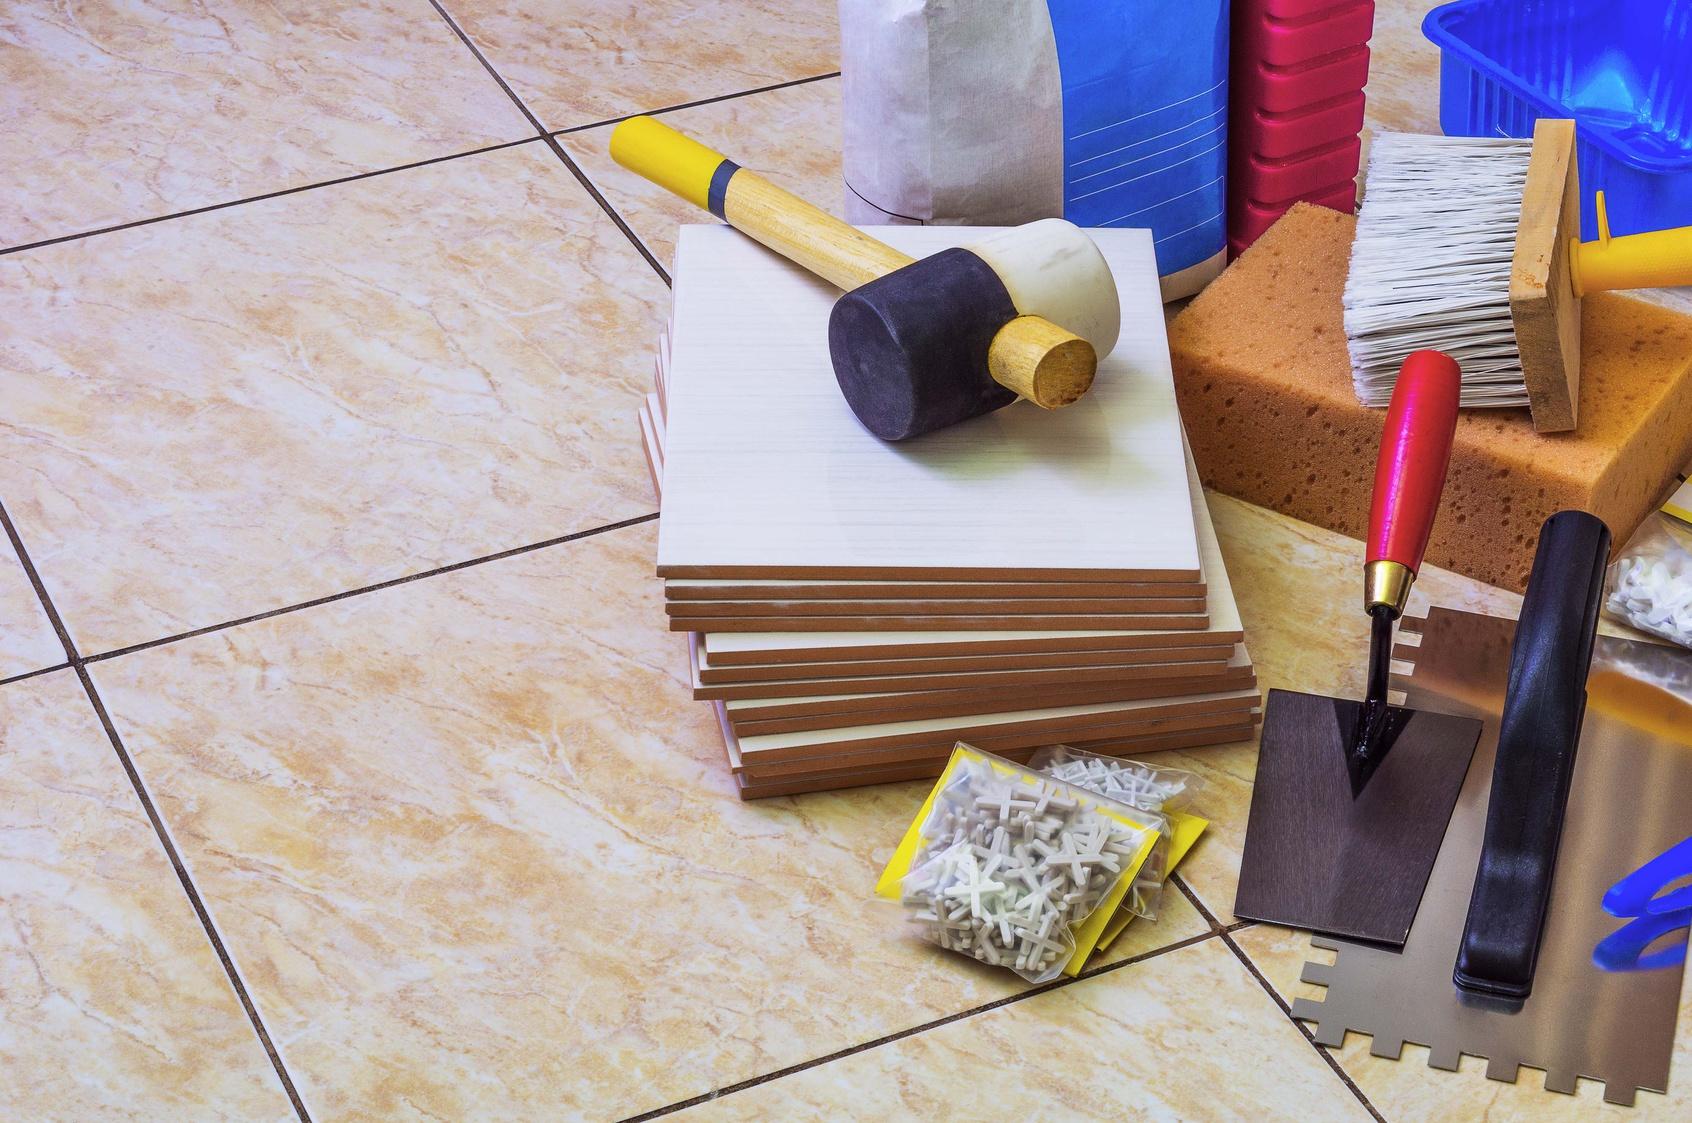 Plan De Travail A Carreler Exterieur le matériel indispensable pour la pose d'un carrelage